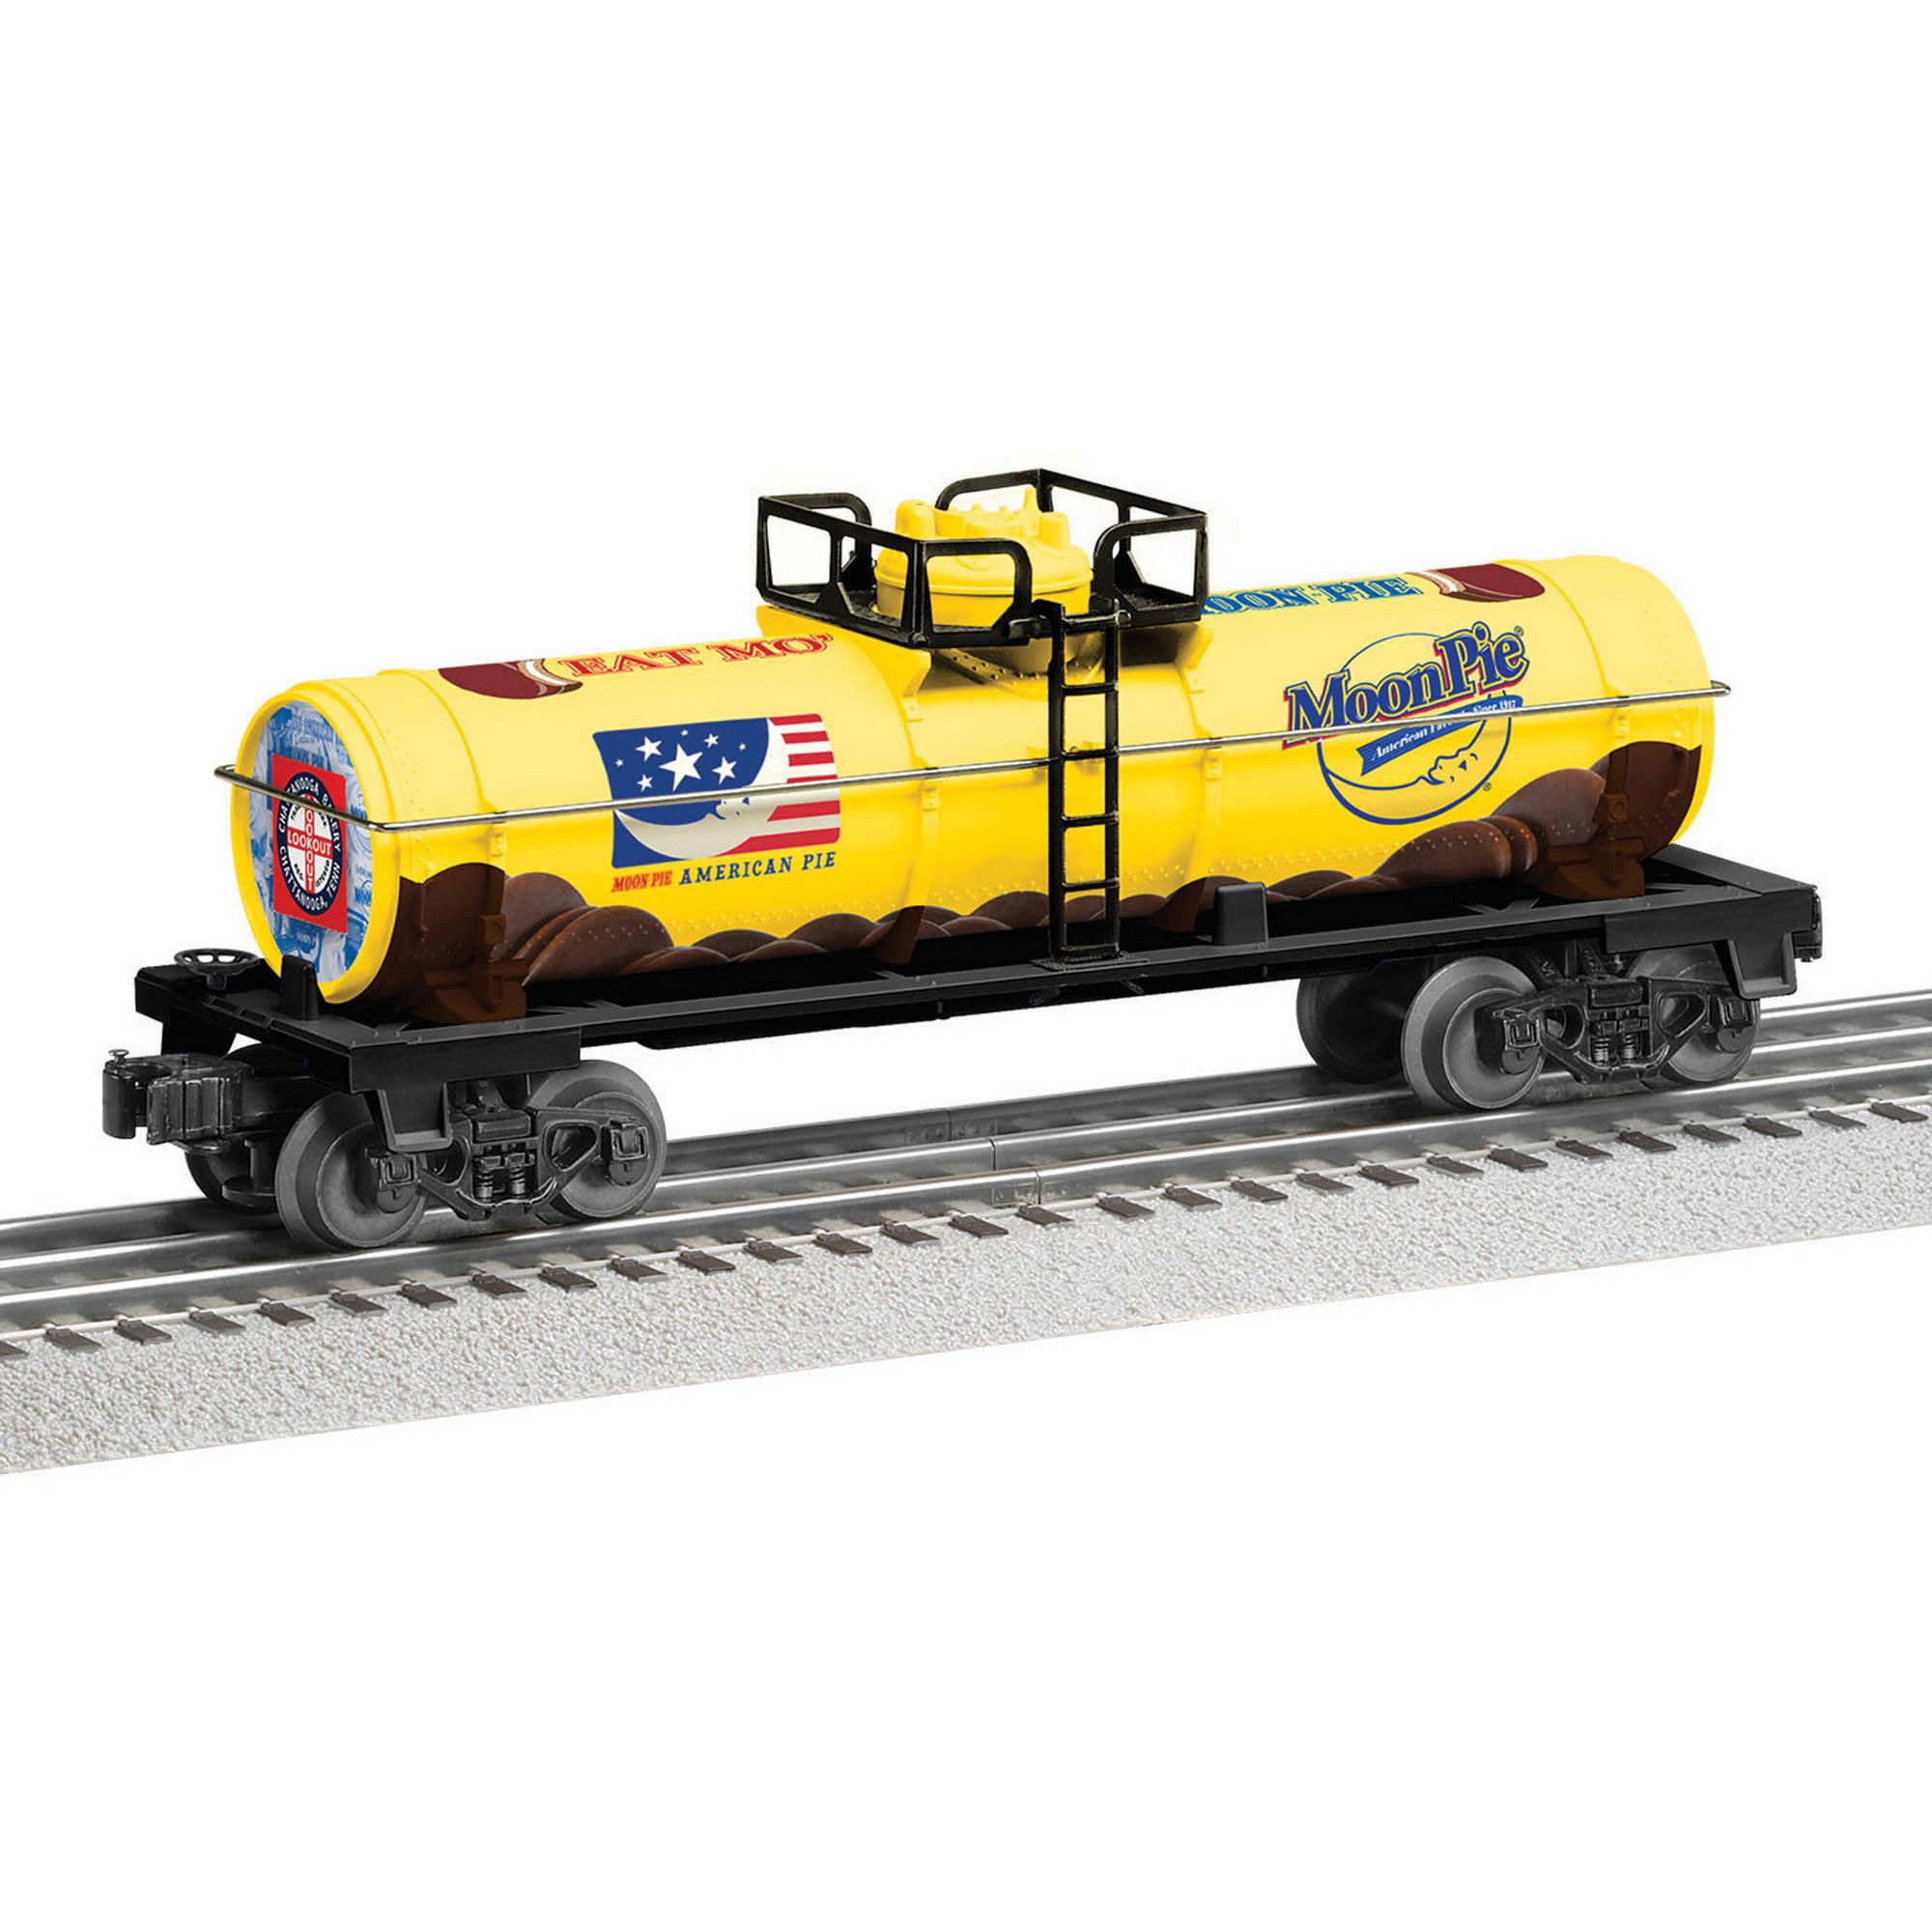 Lionel Trains Moon Pie Tank Car